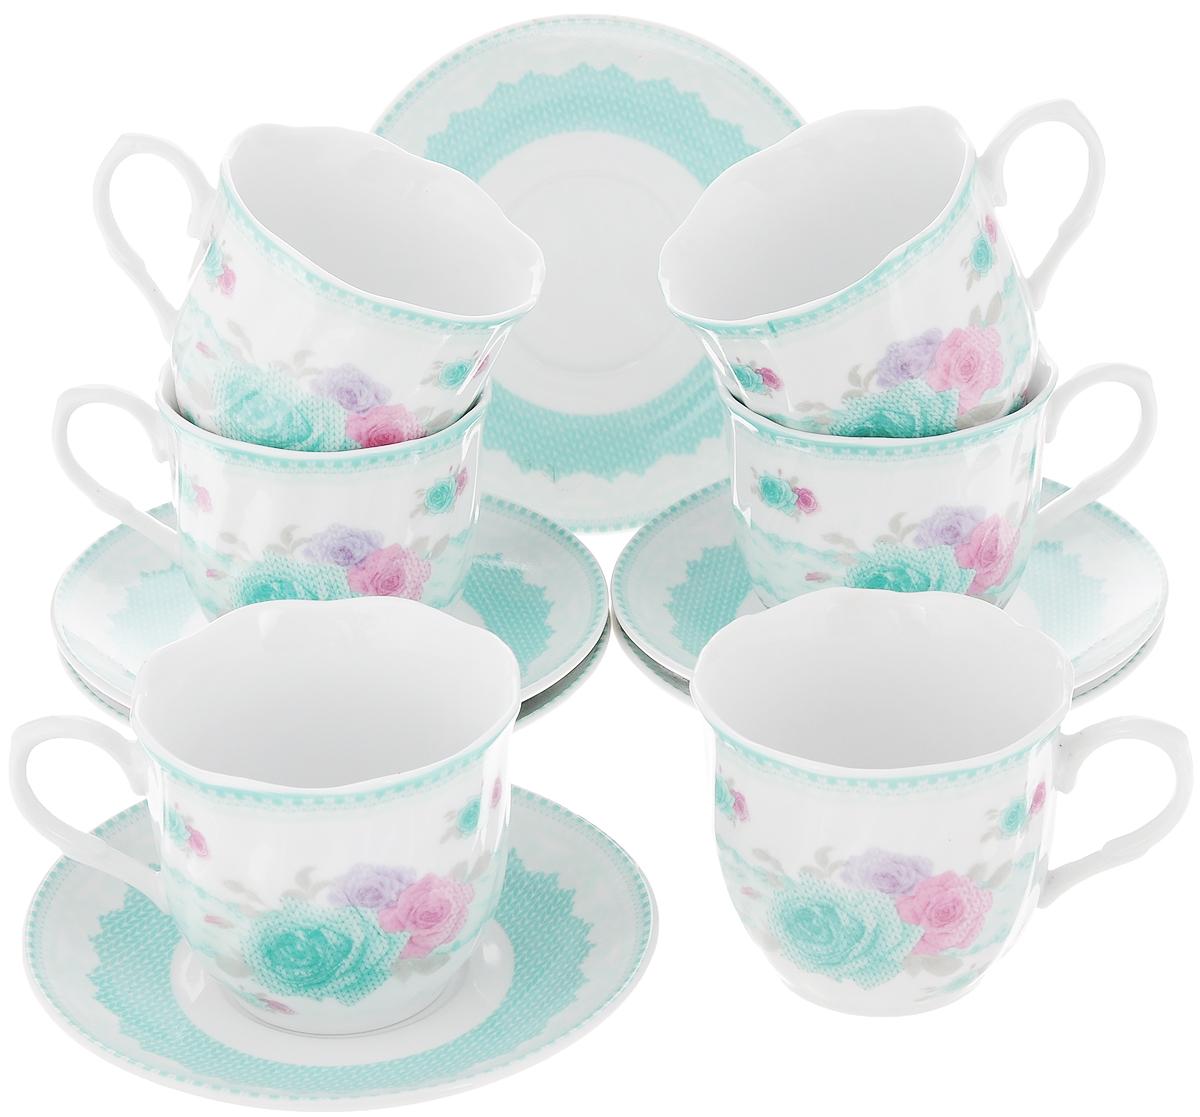 Чайный сервиз Loraine Цветы, 12 предметов115510Чайный сервиз Loraine Цветы состоит из 6 чашек и 6 блюдец. Изделия выполнены из высококачественного фарфора и украшены изящным рисунком. Такой сервиз будет великолепно смотреться на столе, он отлично дополнит сервировку стола для чаепития и порадует вас изысканным дизайном и качеством исполнения. Сервиз упакован в подарочную картонную коробку, задрапированную белой атласной тканью. Чайный сервиз Loraine Цветы станет хорошим подарком к любому случаю и порадует получателя. Объем чашки: 220 мл. Диаметр чашки (по верхнему краю): 8 см. Высота чашки: 7,5 см. Диаметр блюдца: 13,5 см.